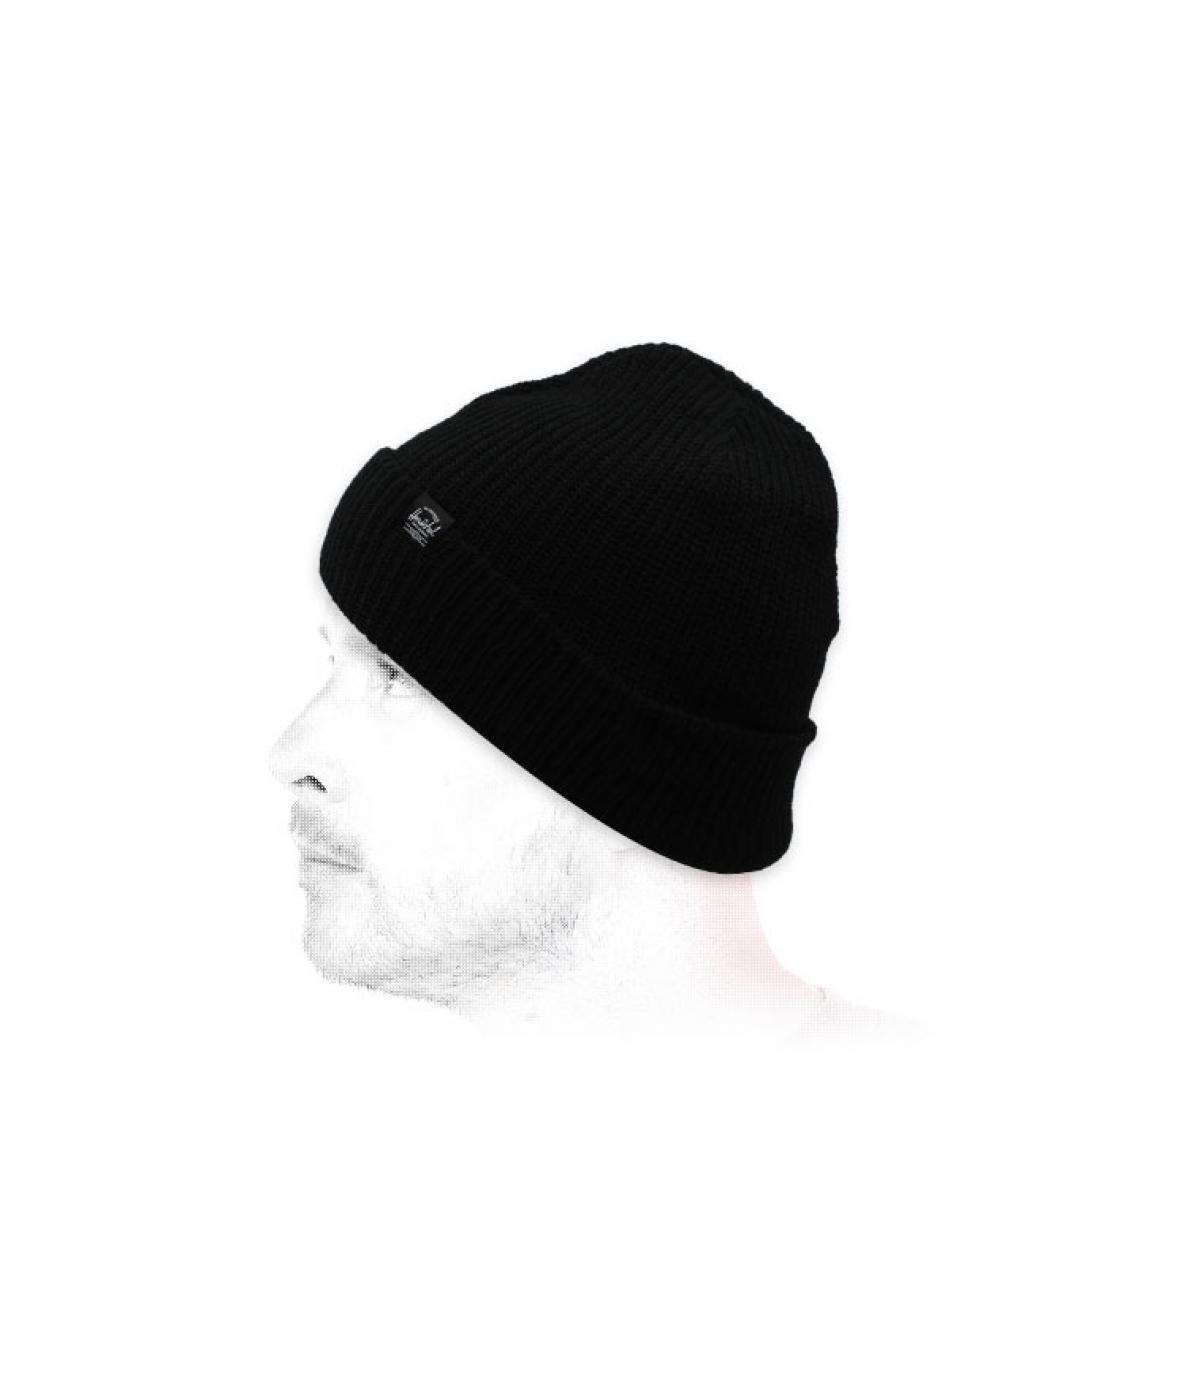 Mütze mit Rand schwarz Herschel